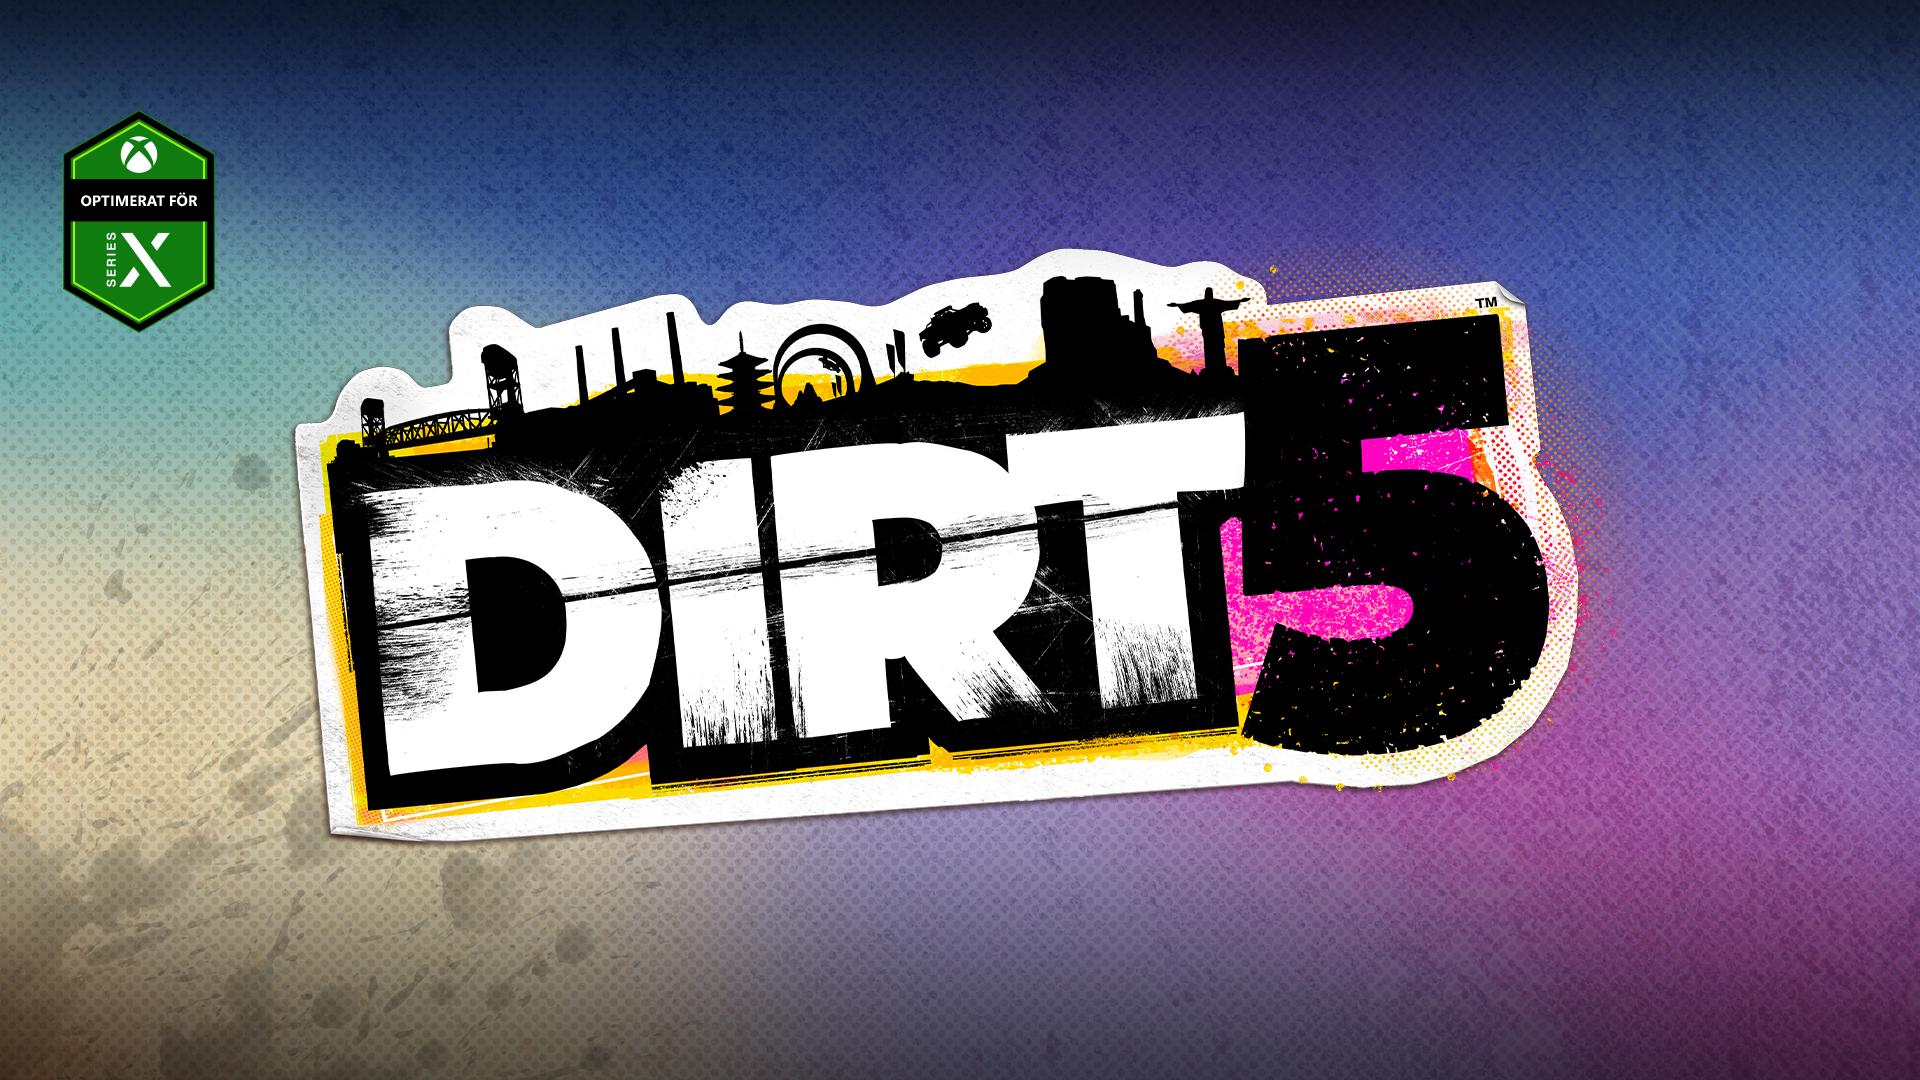 Optimerat för Series X-logotyp, DIRT 5-logotypen mot en färgglad bakgrund